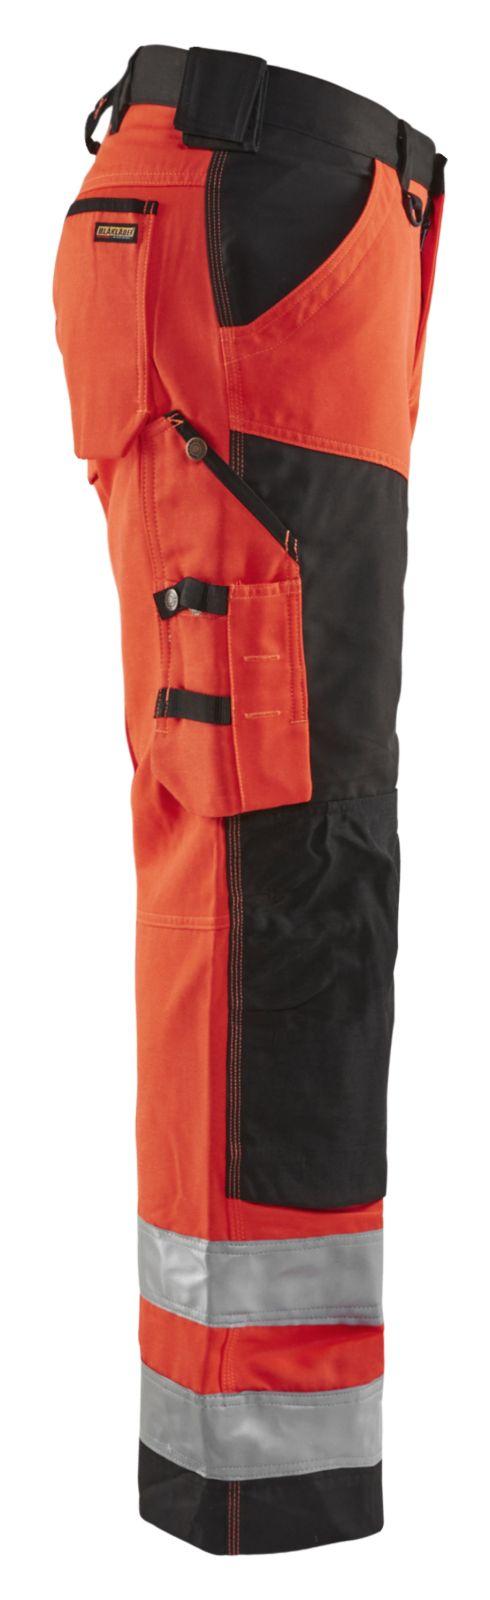 Blaklader Broeken 15661811 High Vis fluo rood-zwart(5599)